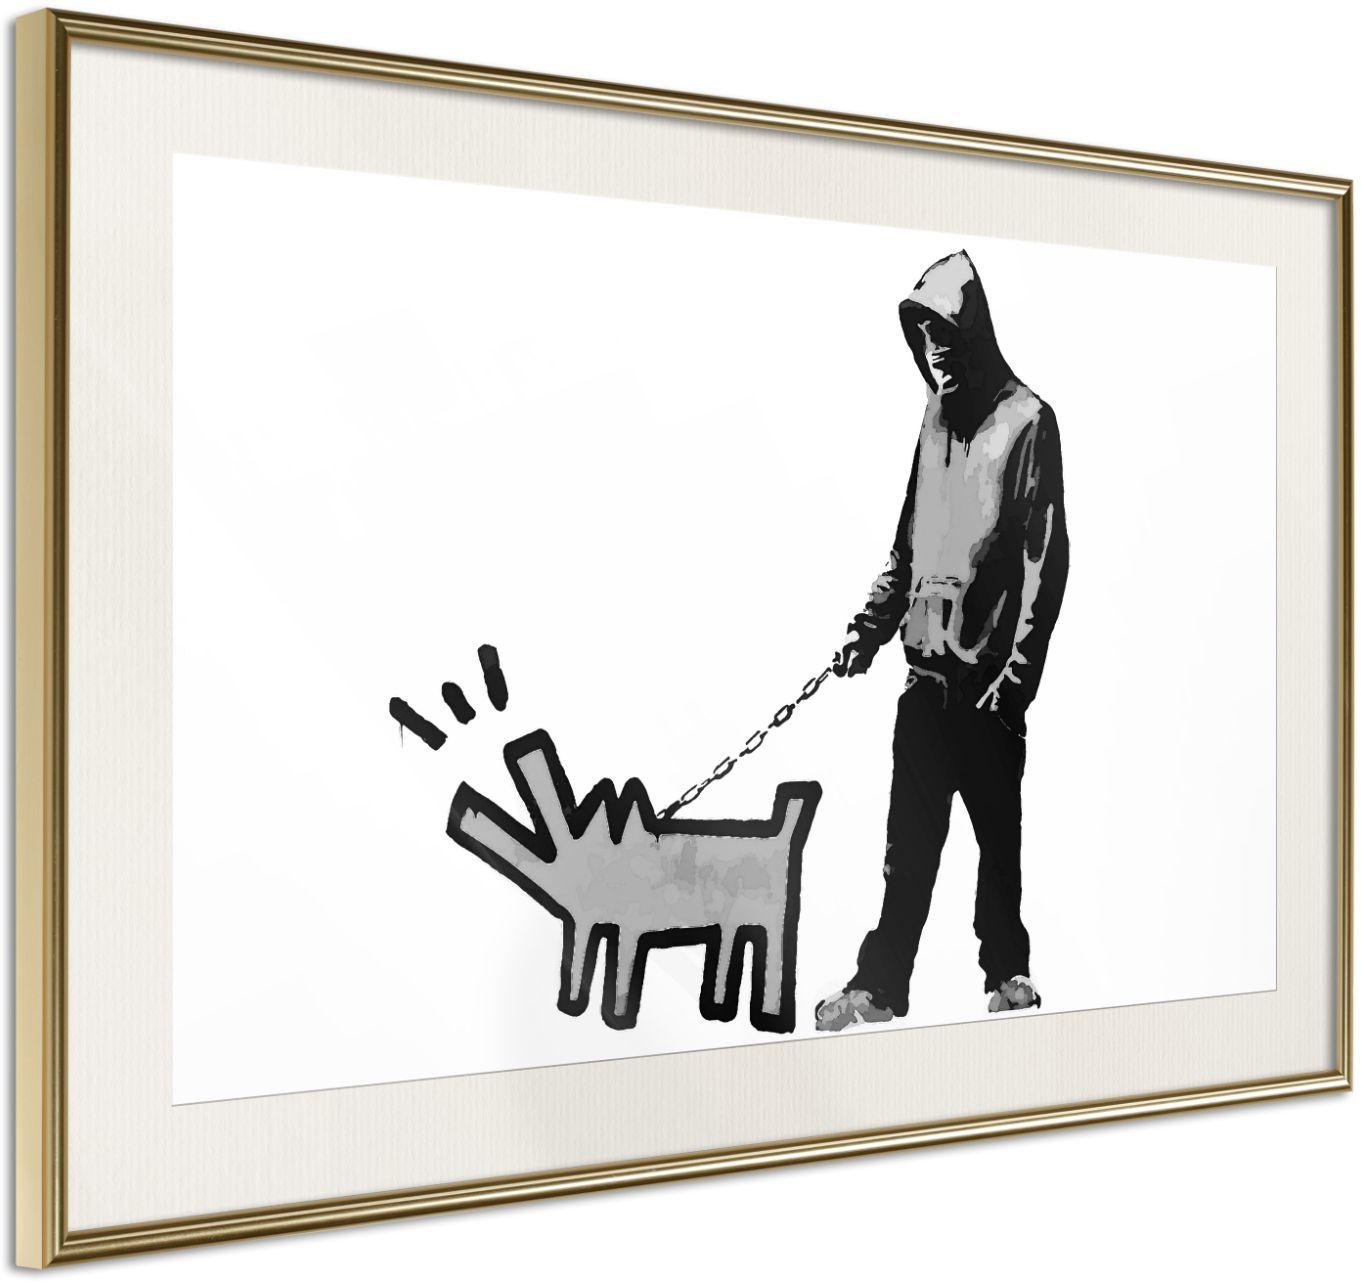 Αφίσα - Banksy: Choose Your Weapon - 45x30 - Χρυσό - Με πασπαρτού